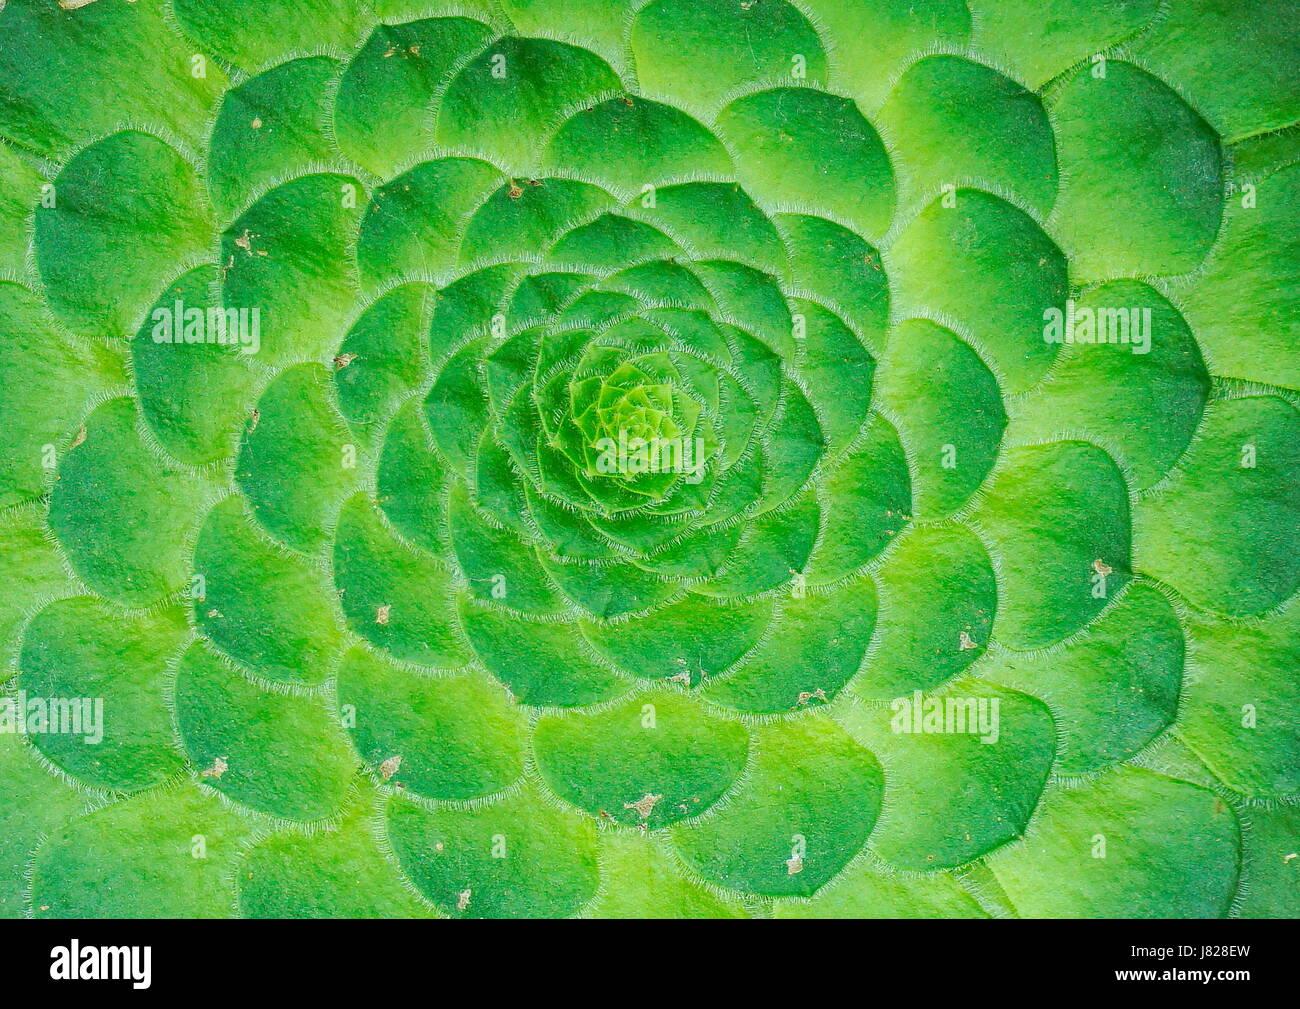 Patrón simétrico del centro de un cactus que hará una pared preciosa decoración de arte Foto de stock